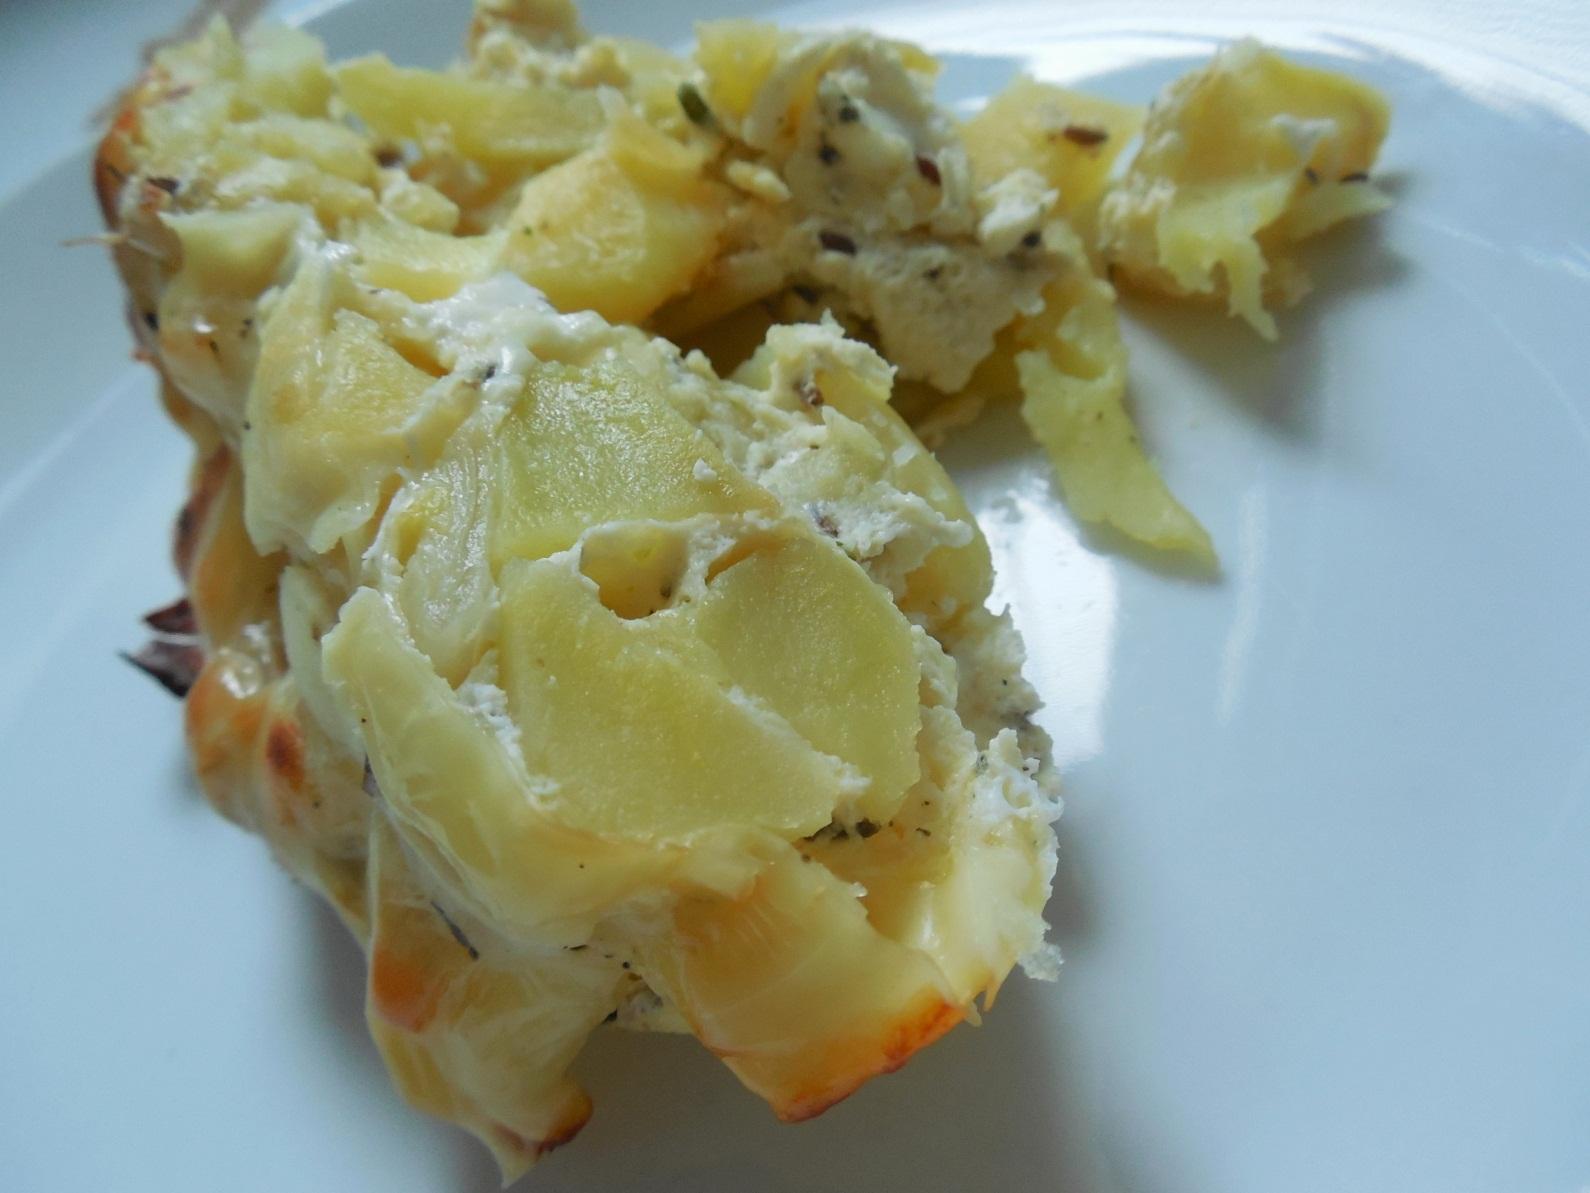 Zapékané brambory s cibulí a smetanou